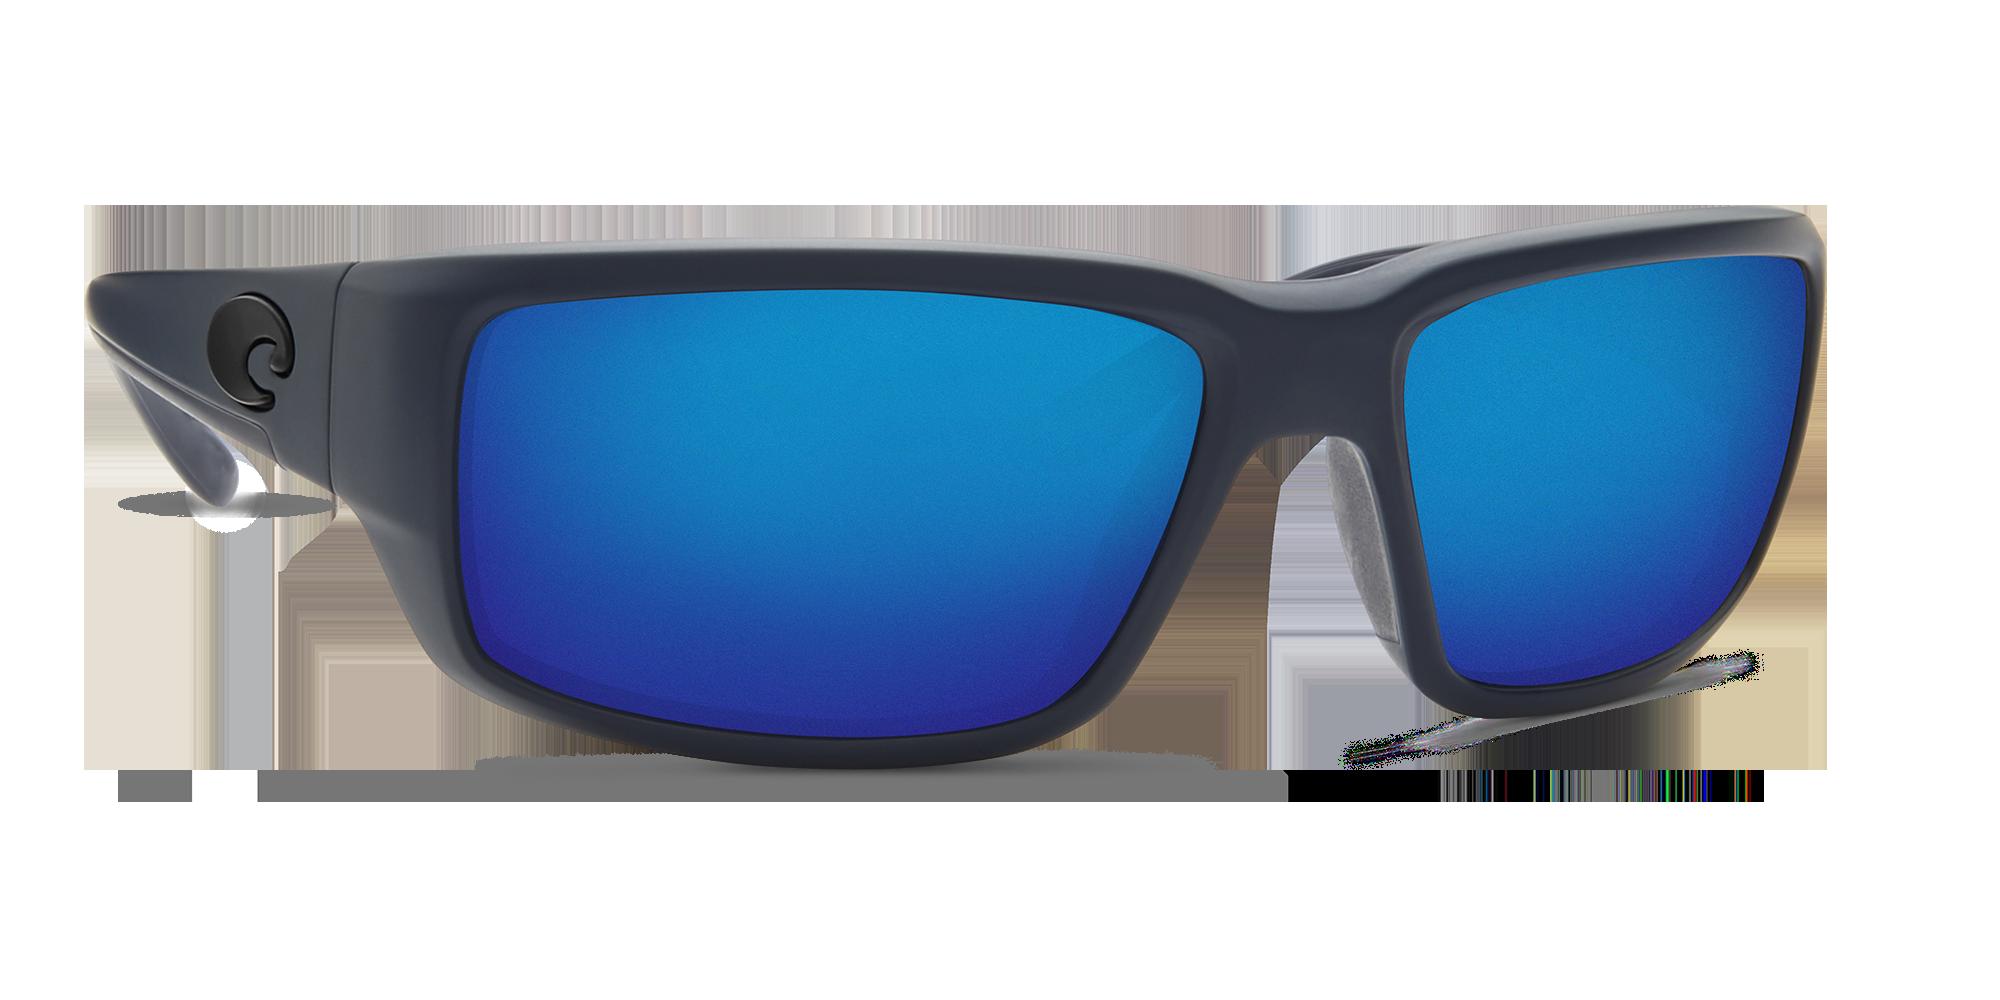 Costa fantail sunglasses Sunglasses, Costa del mar